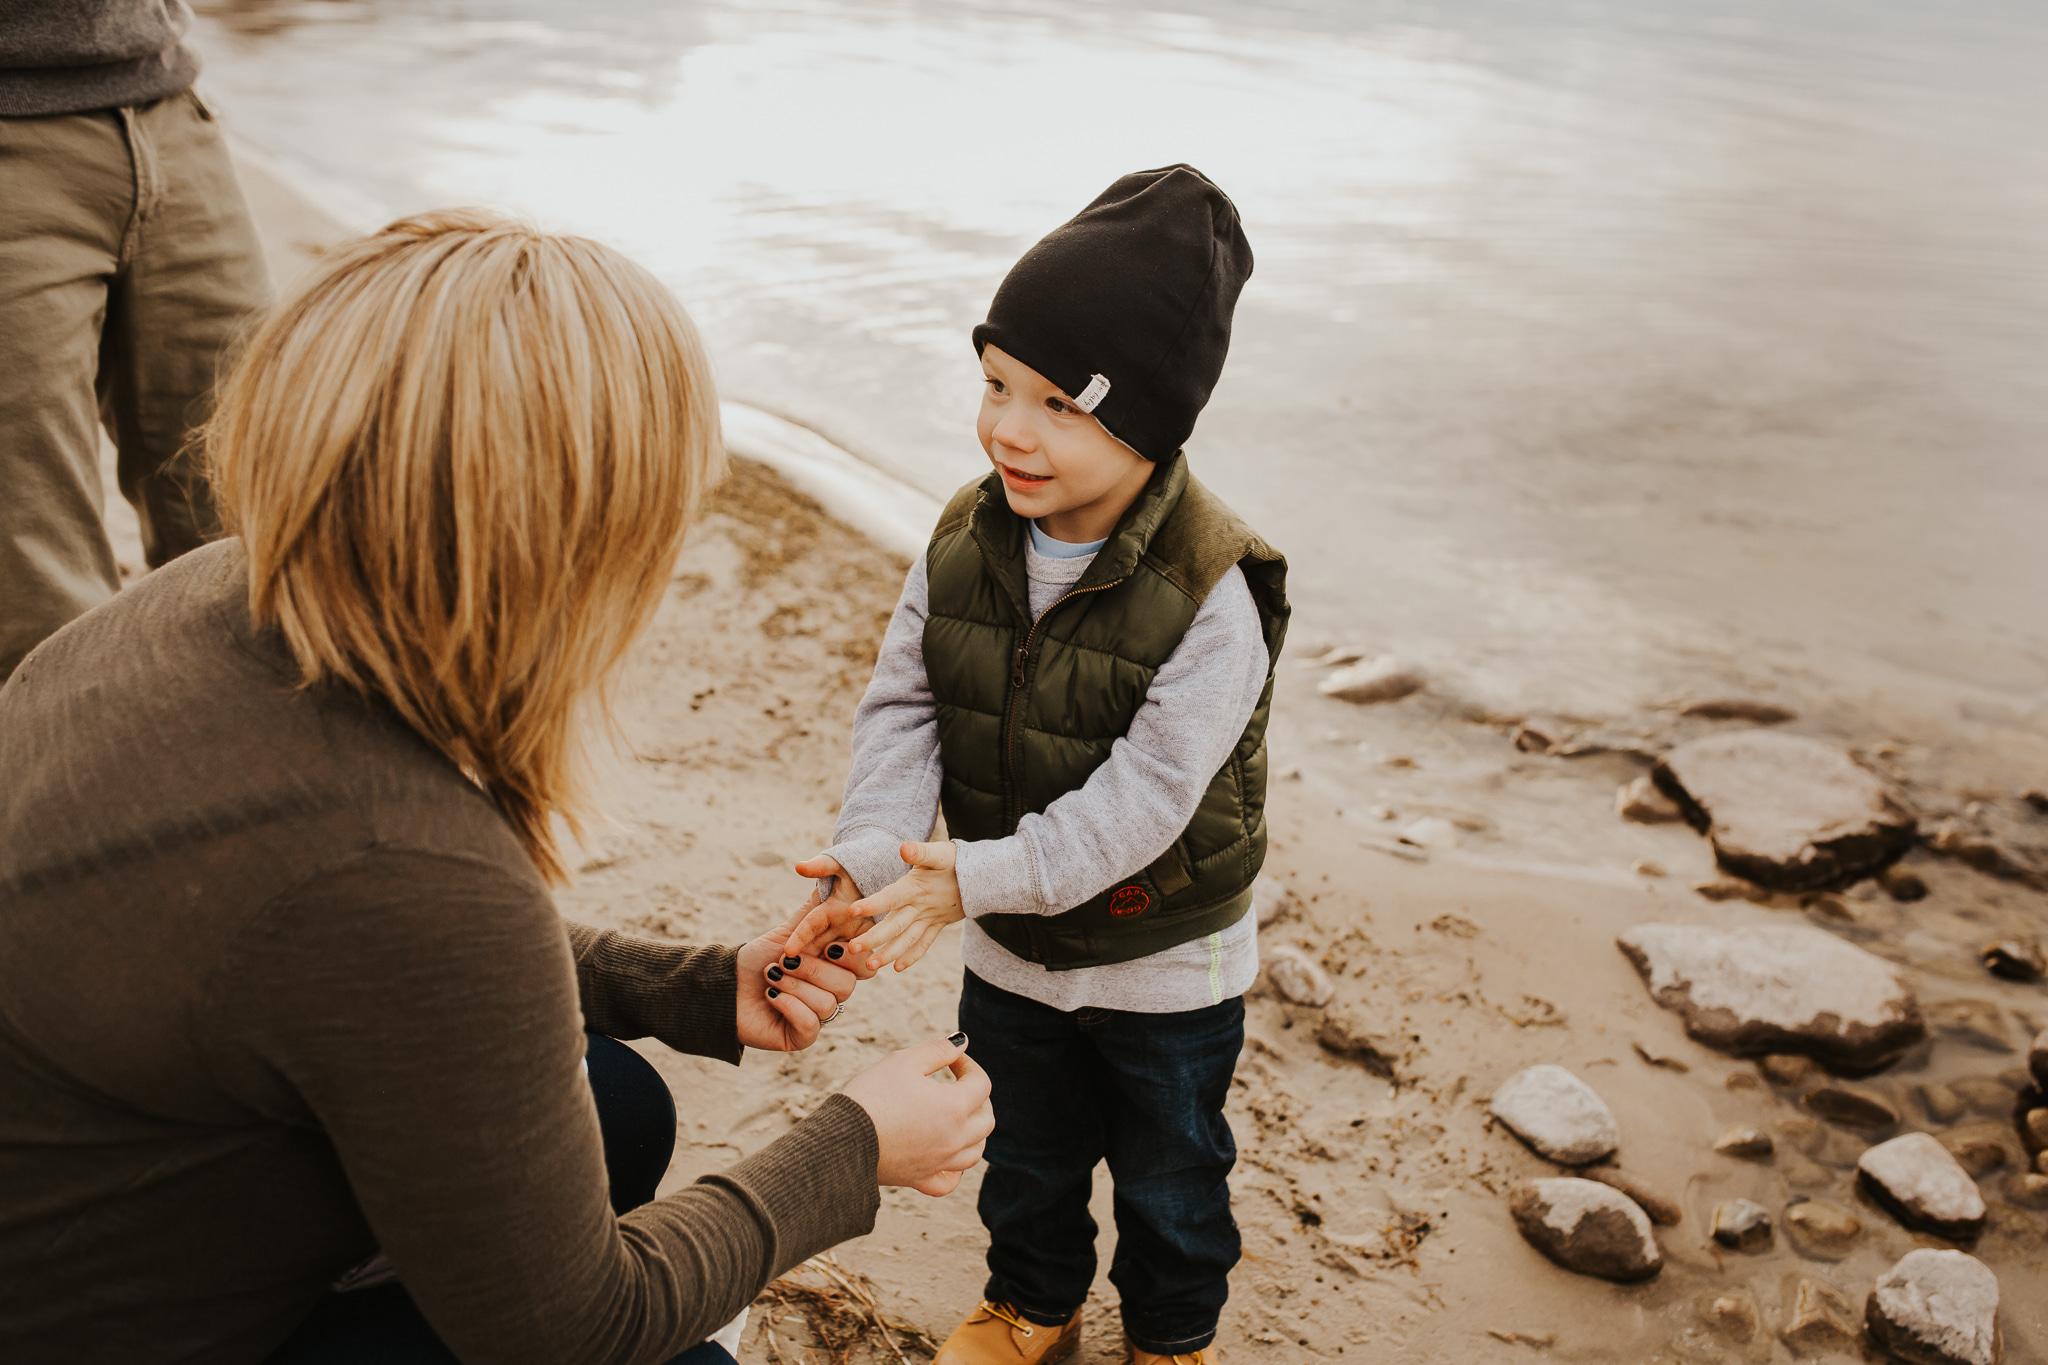 Alina-Joy-Photography-Cold-Lake-Lifestyle-Photographer-96.jpg